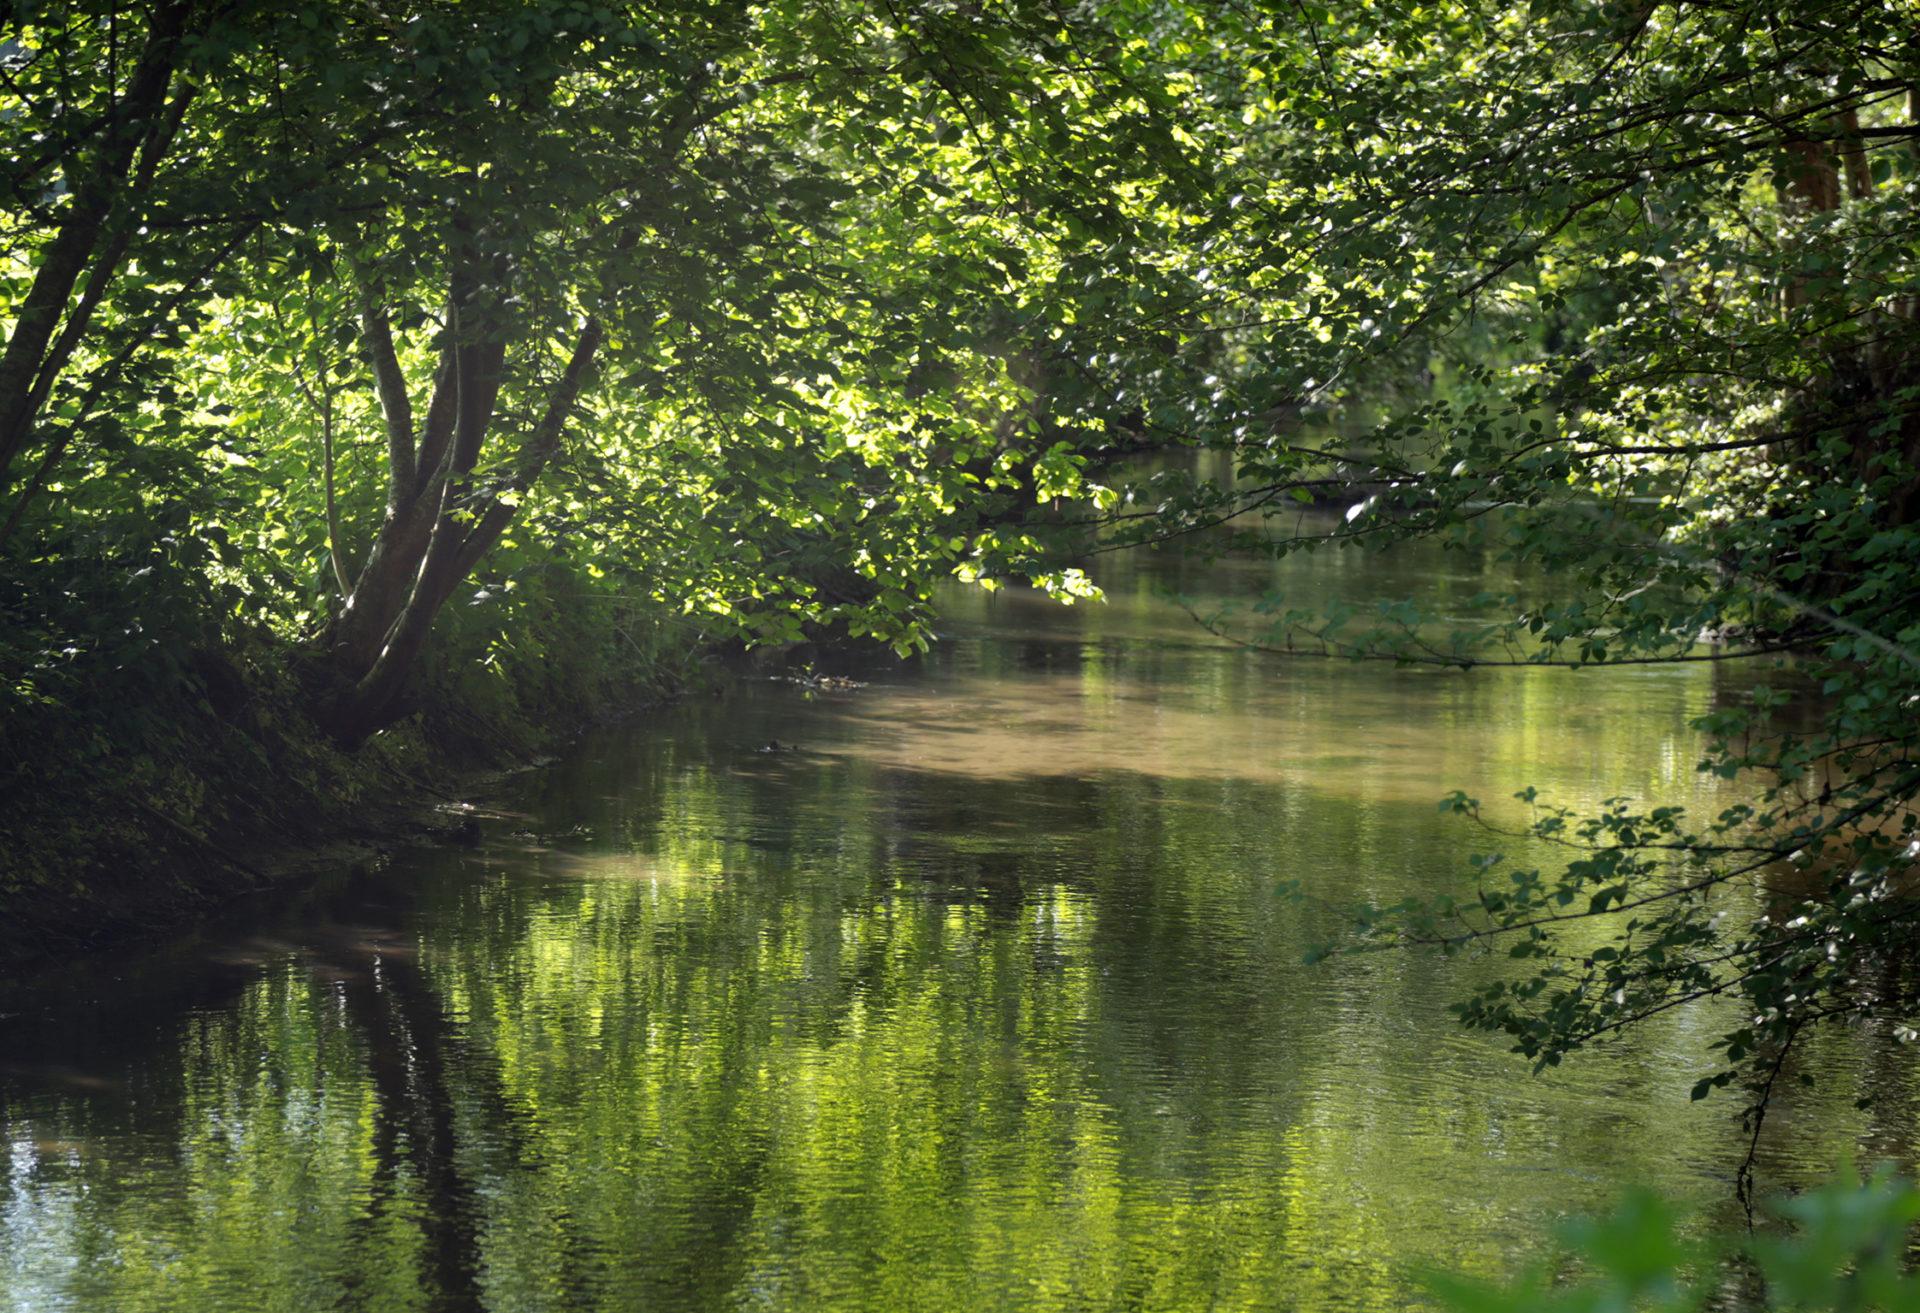 Le réseau hydrographique de la rivière École